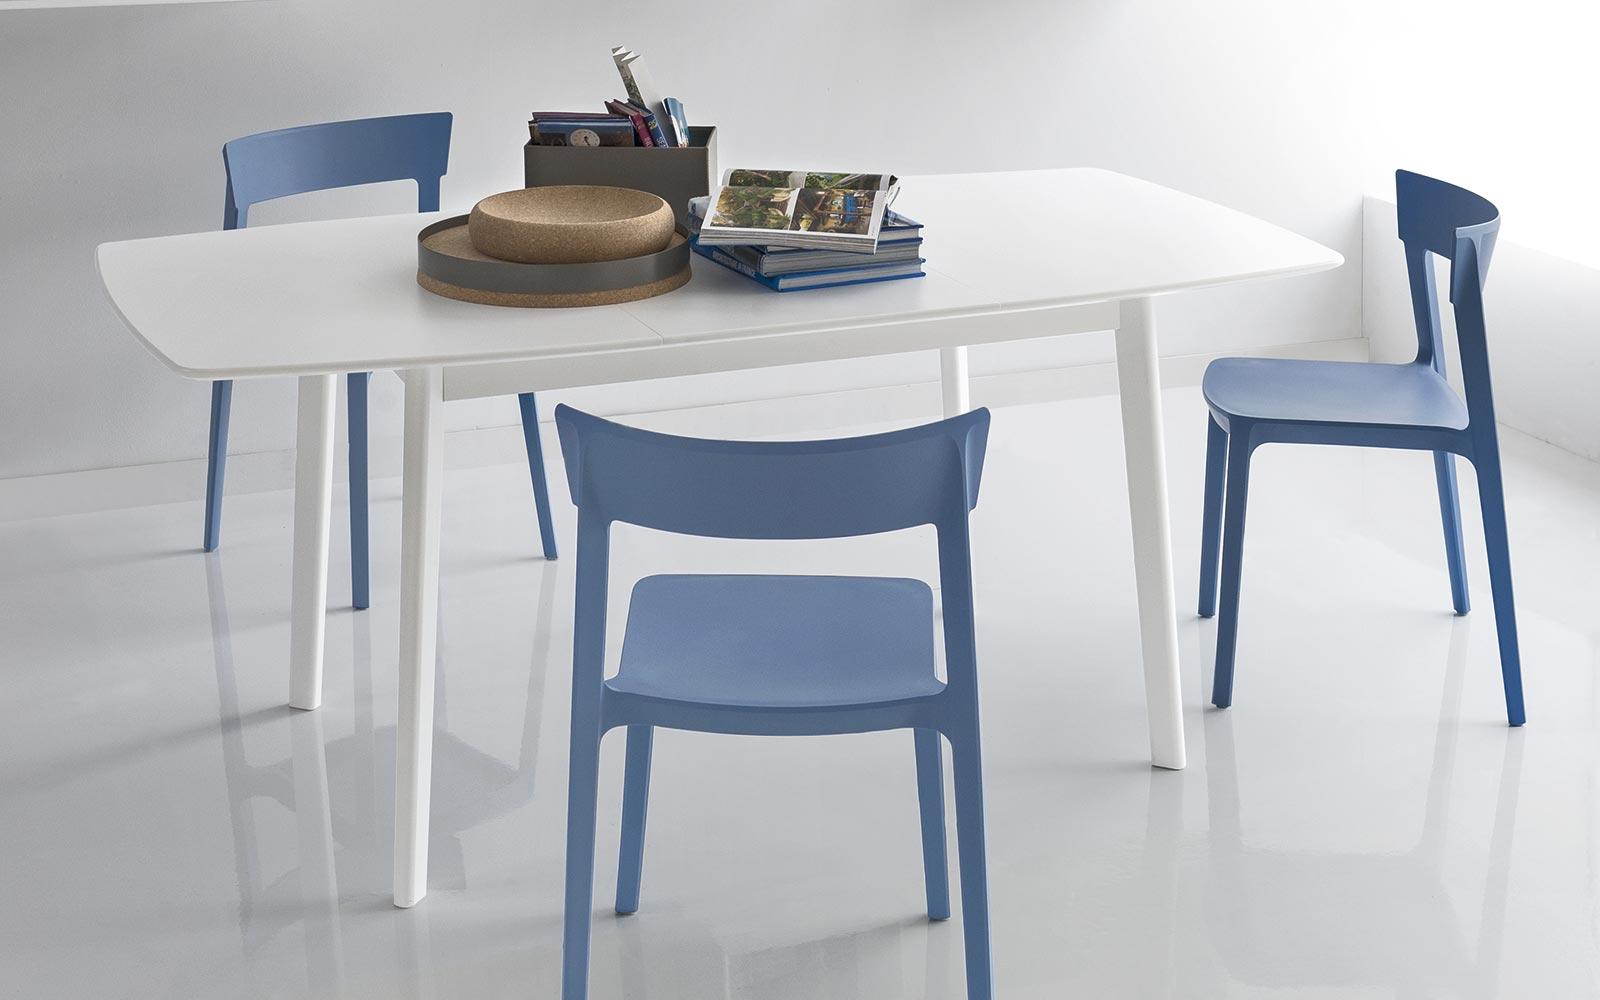 vendita sedie in plastica a brescia - Moby arredamenti